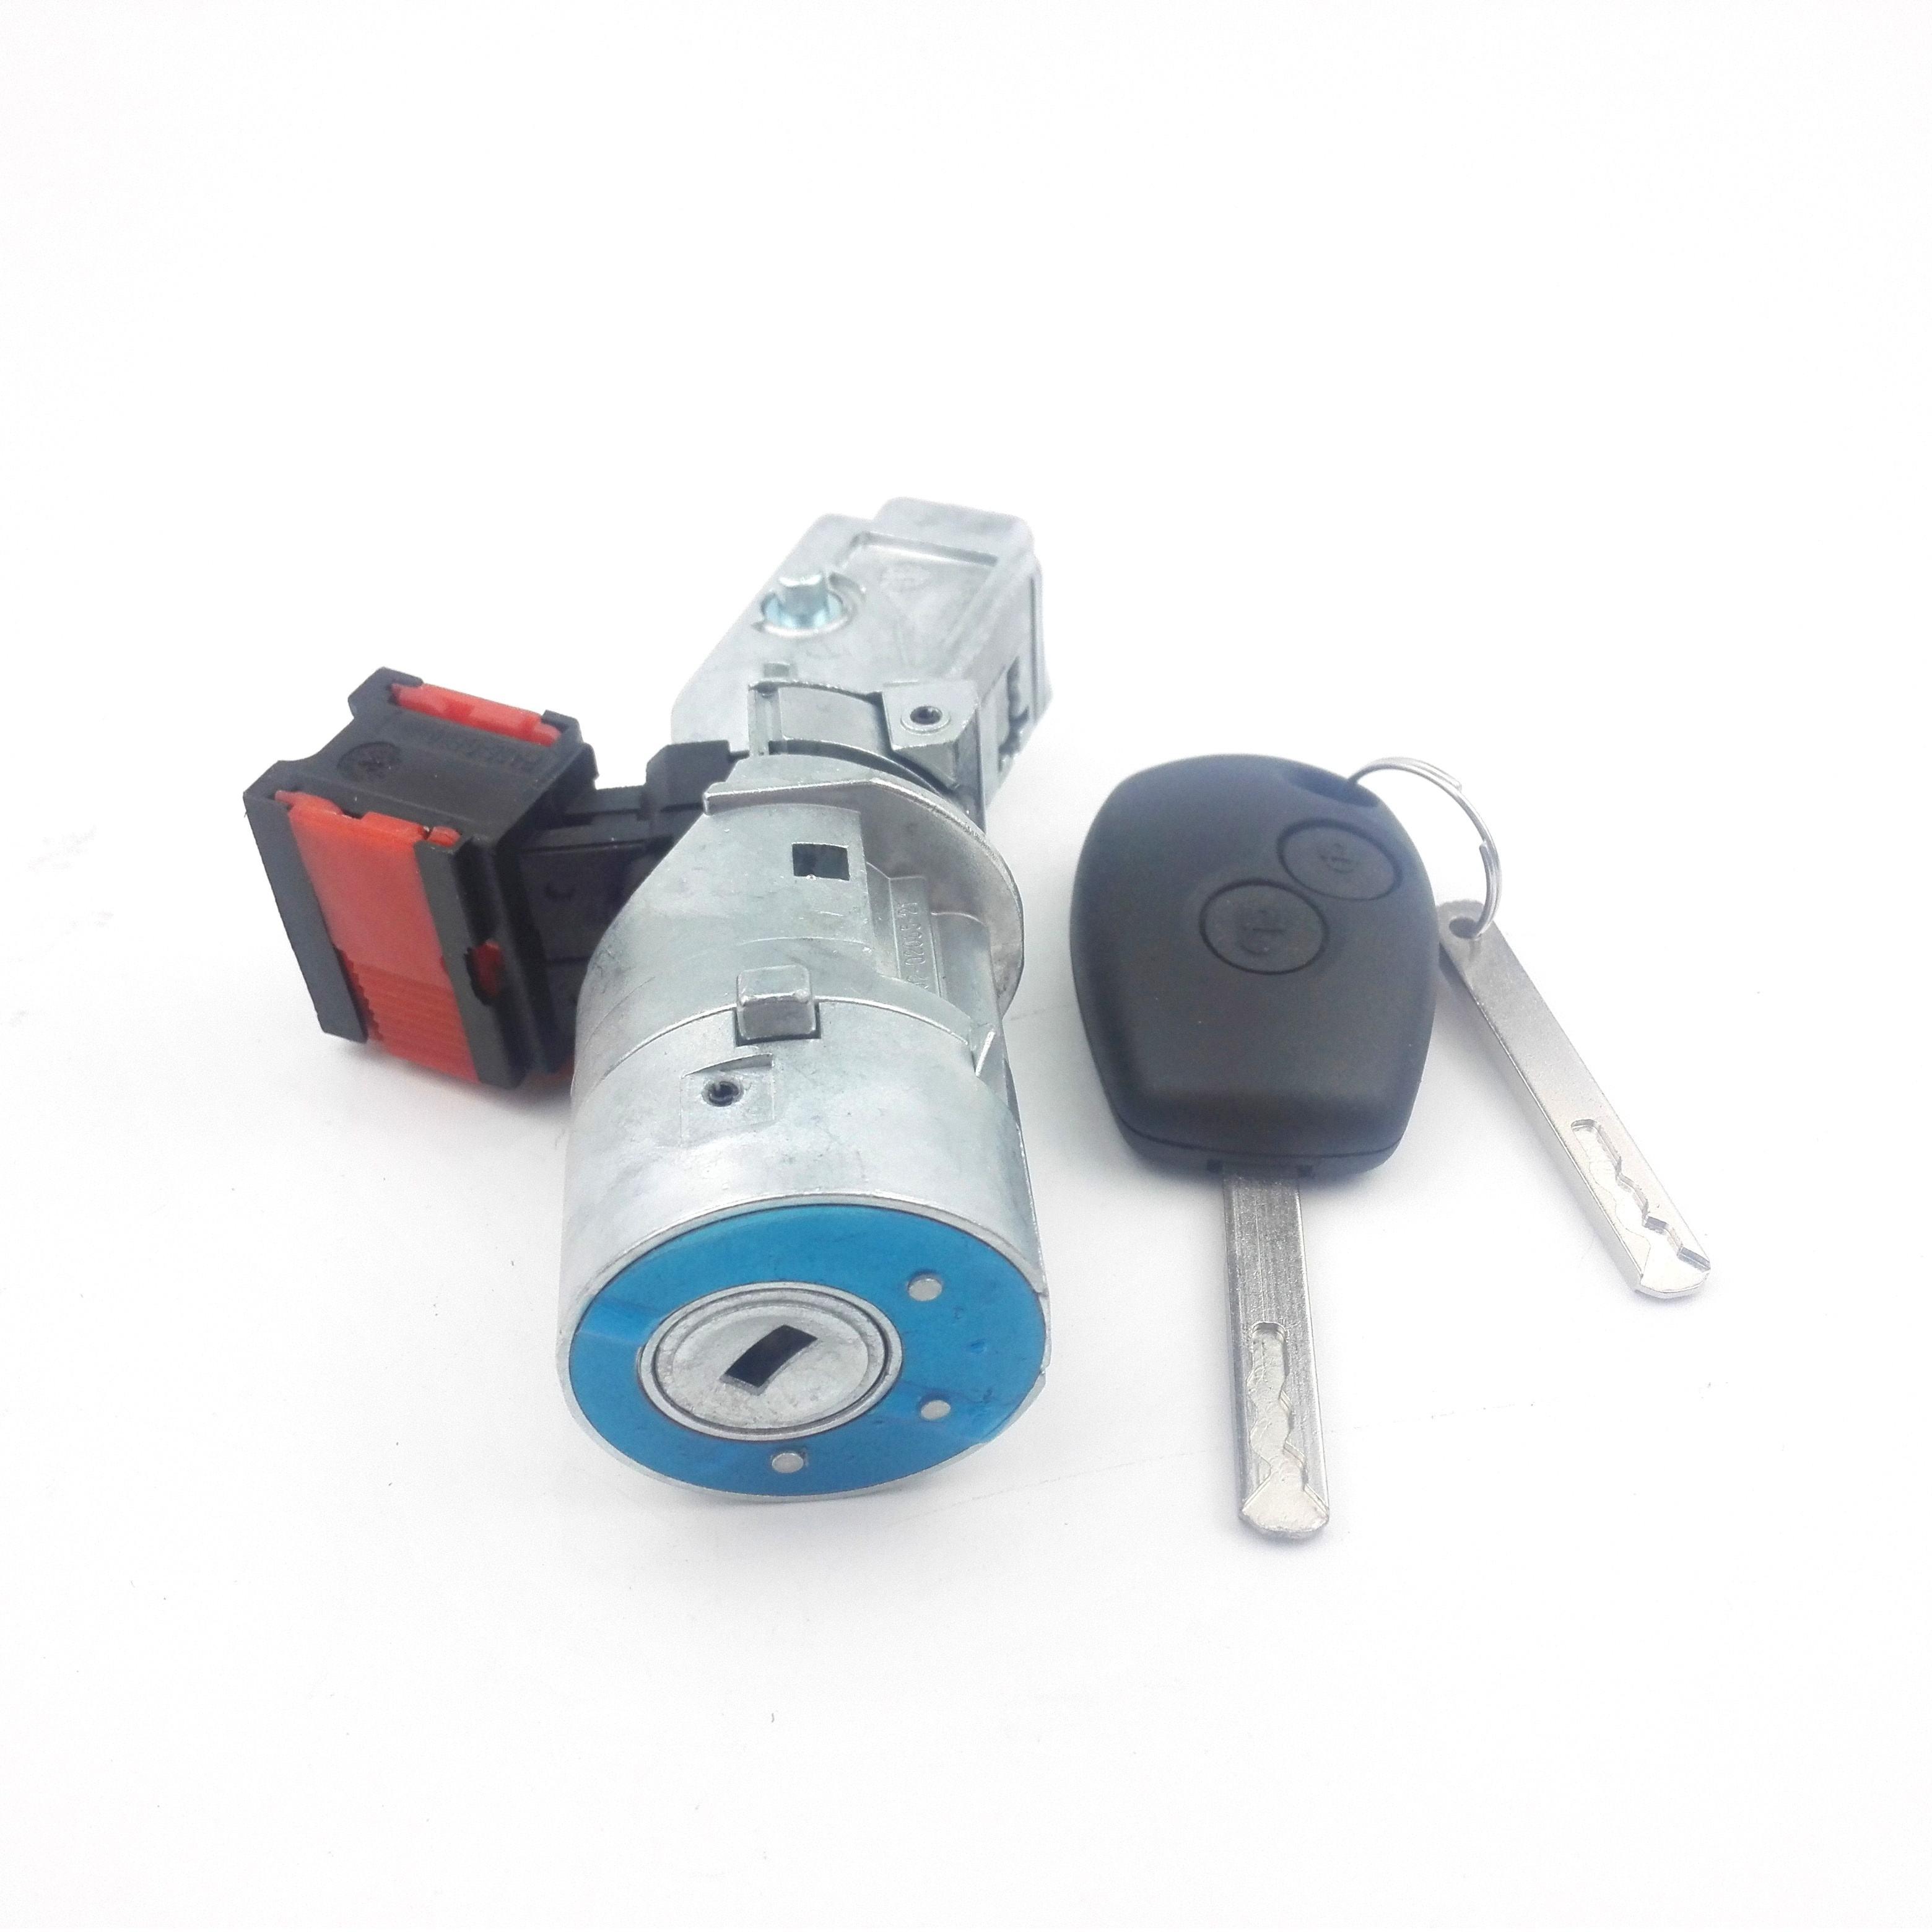 Para Renault Clio MK3 2005-2012 Limpiaparabrisas Tallo conmutador de radio 7701068114